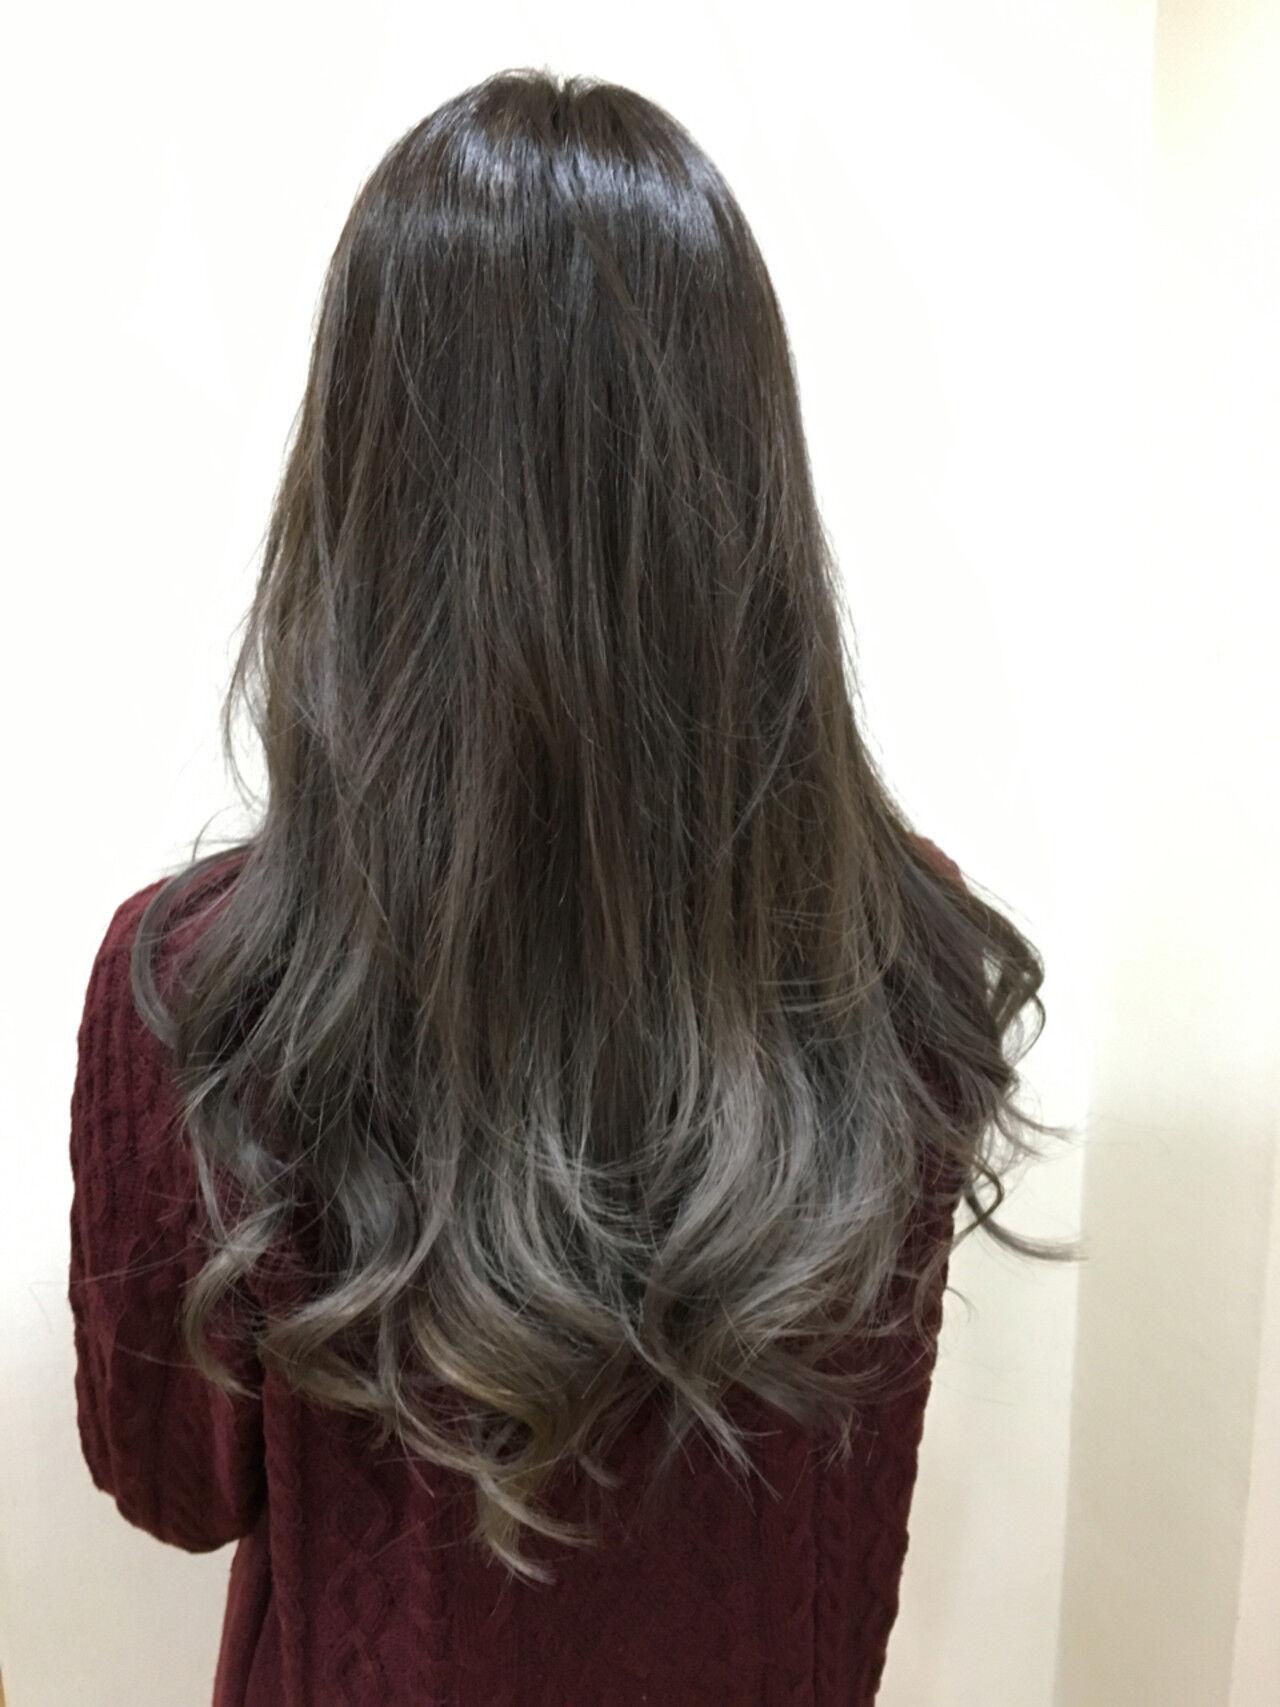 ストリート イルミナカラー グラデーションカラー ロングヘアスタイルや髪型の写真・画像